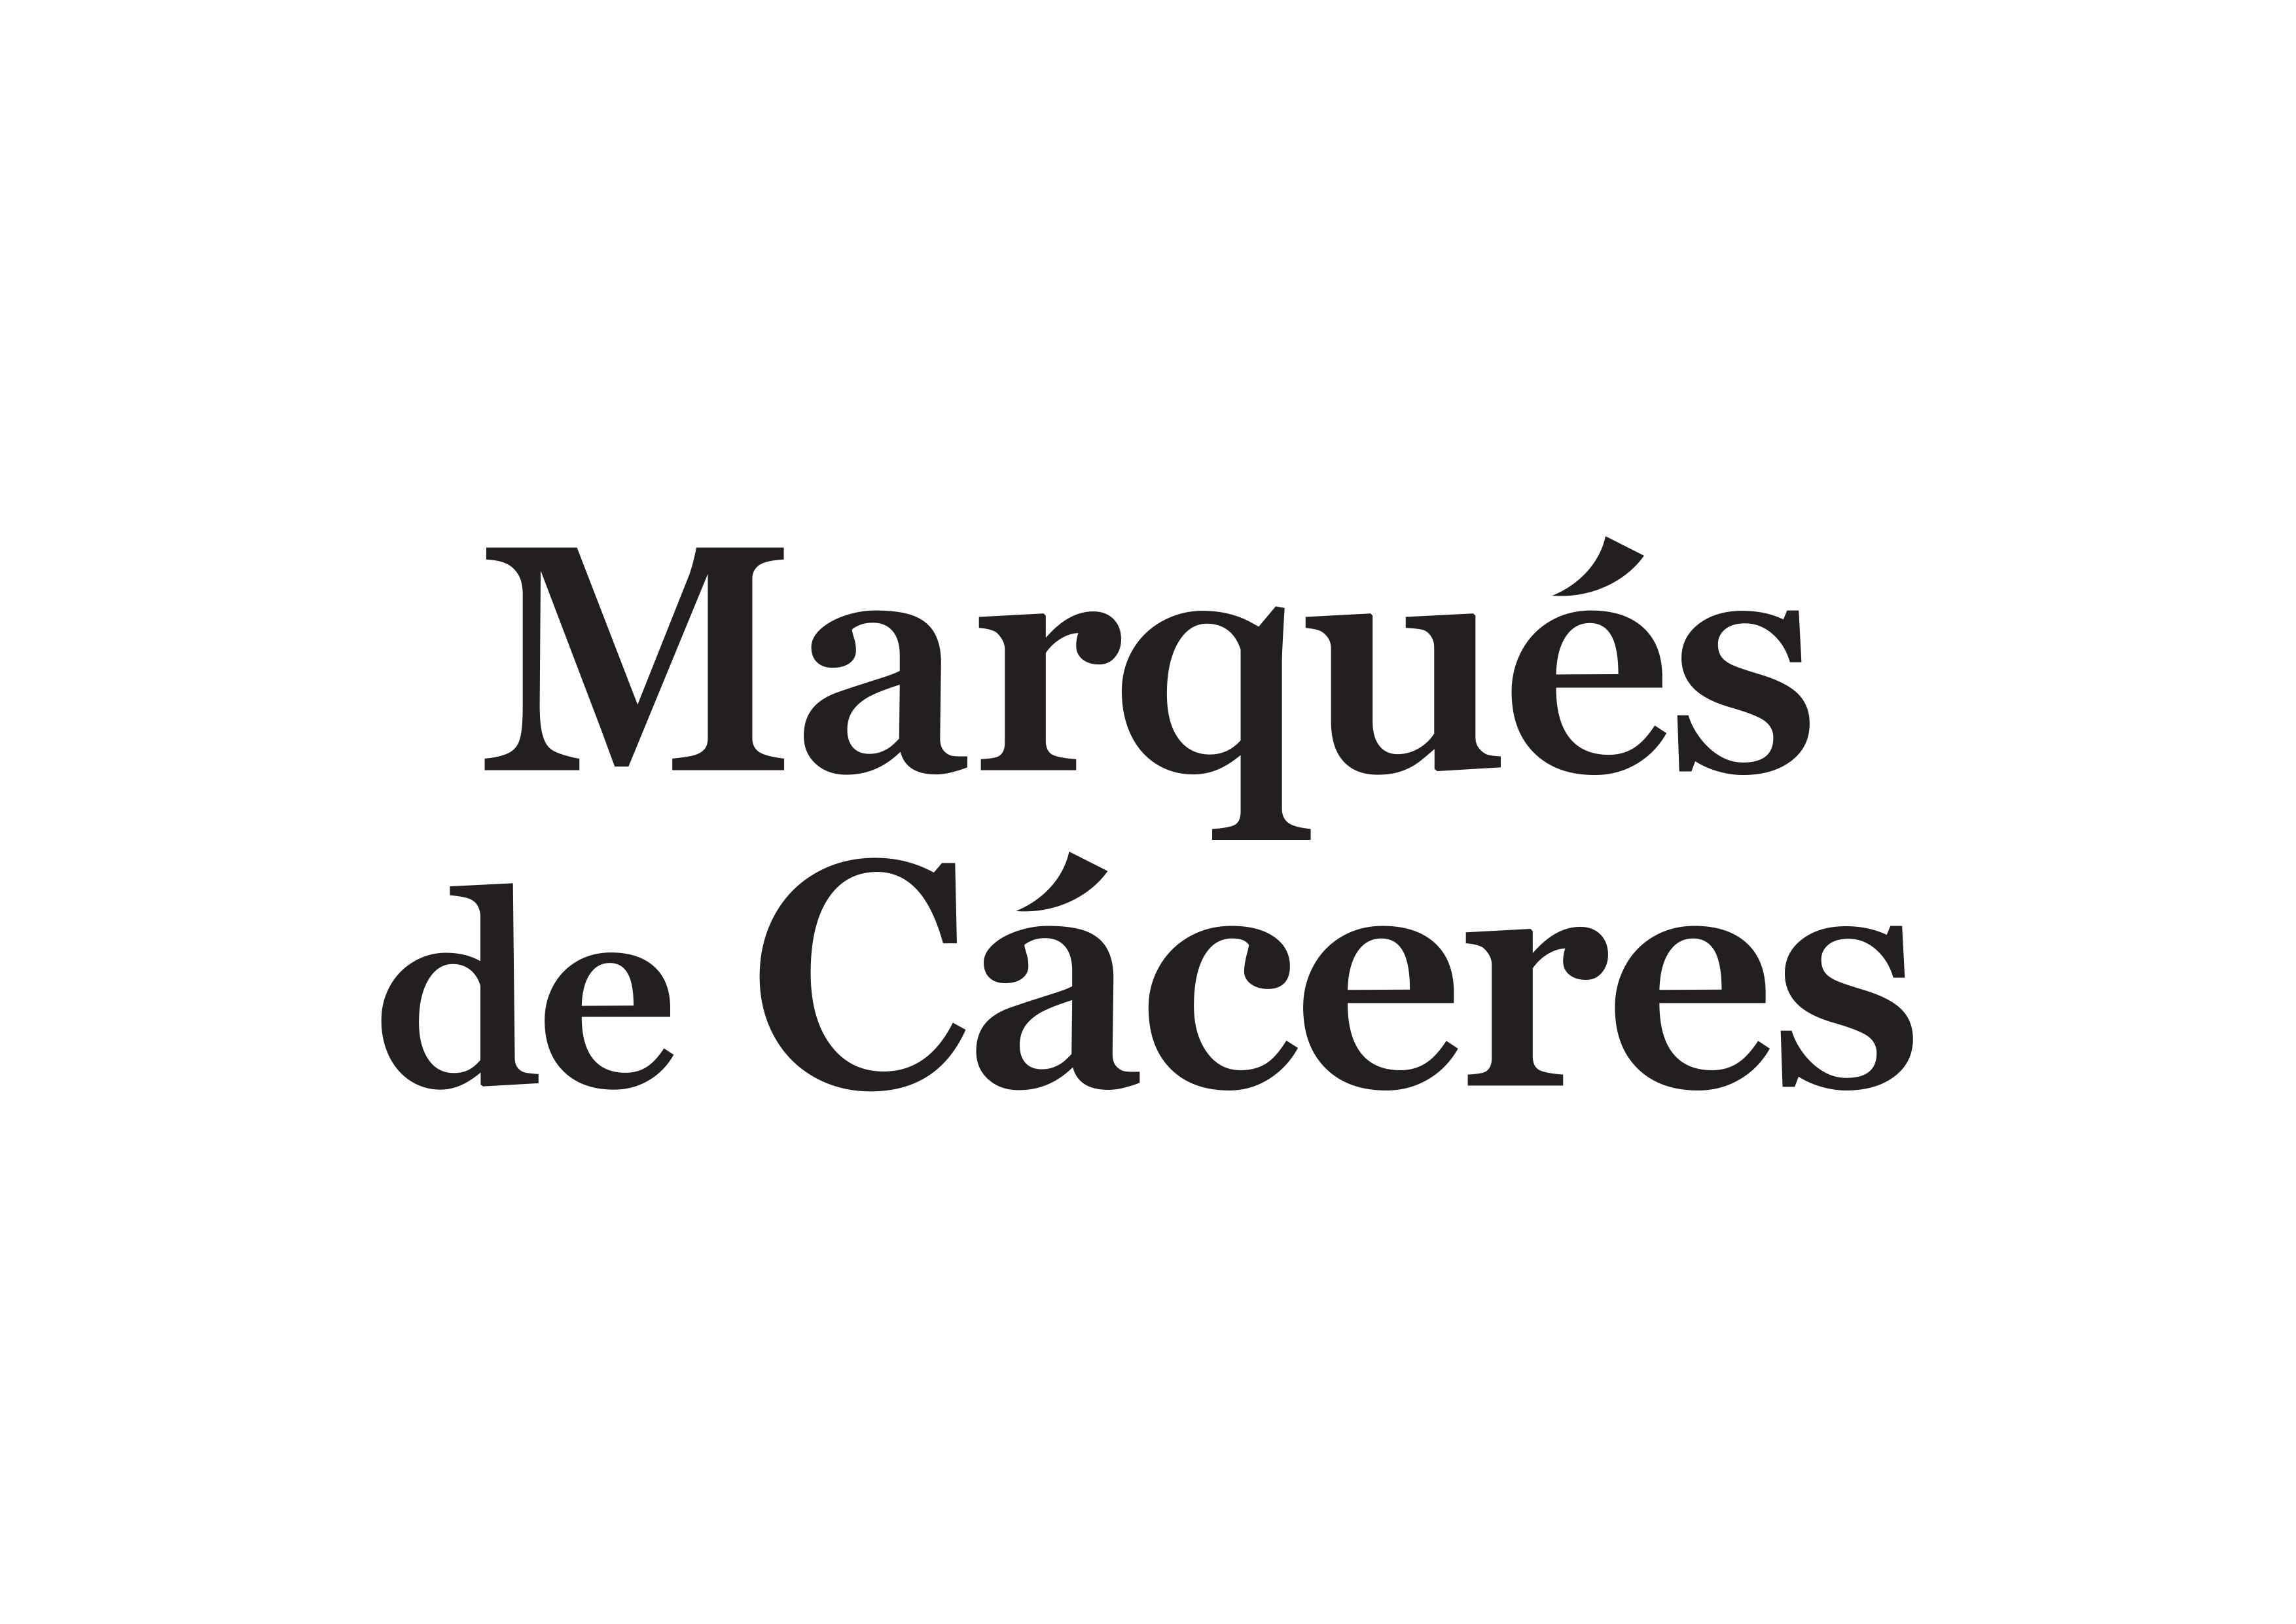 MARQUES DE CACERES